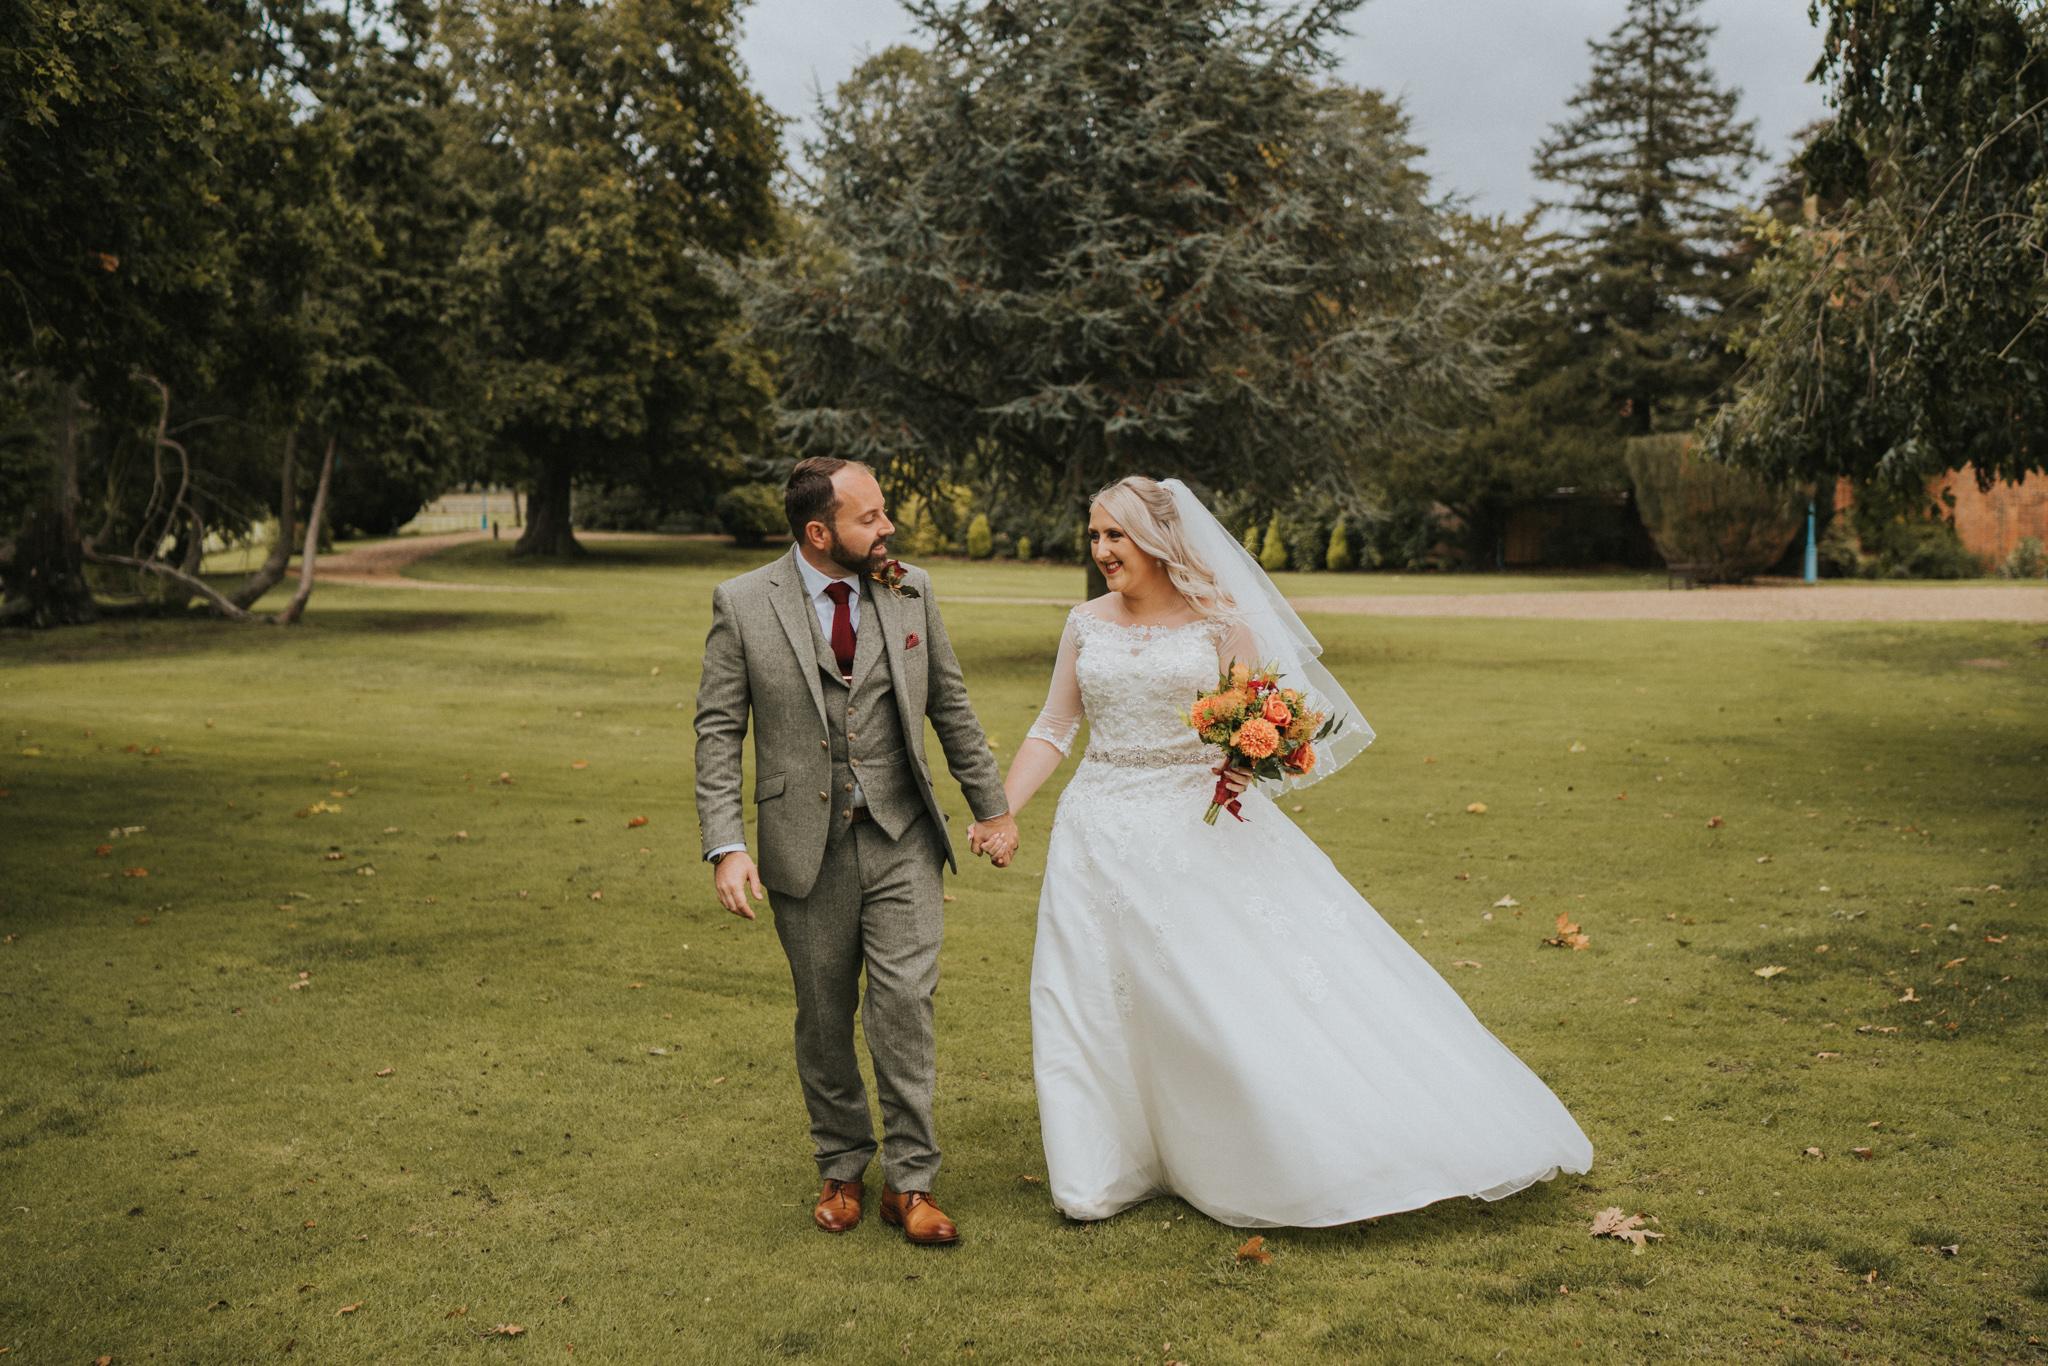 chara-neil-gosfield-hall-wedding-grace-elizabeth-colchester-essex-alternative-wedding-photographer-essex-devon-suffolk-norfolk (32 of 50).jpg